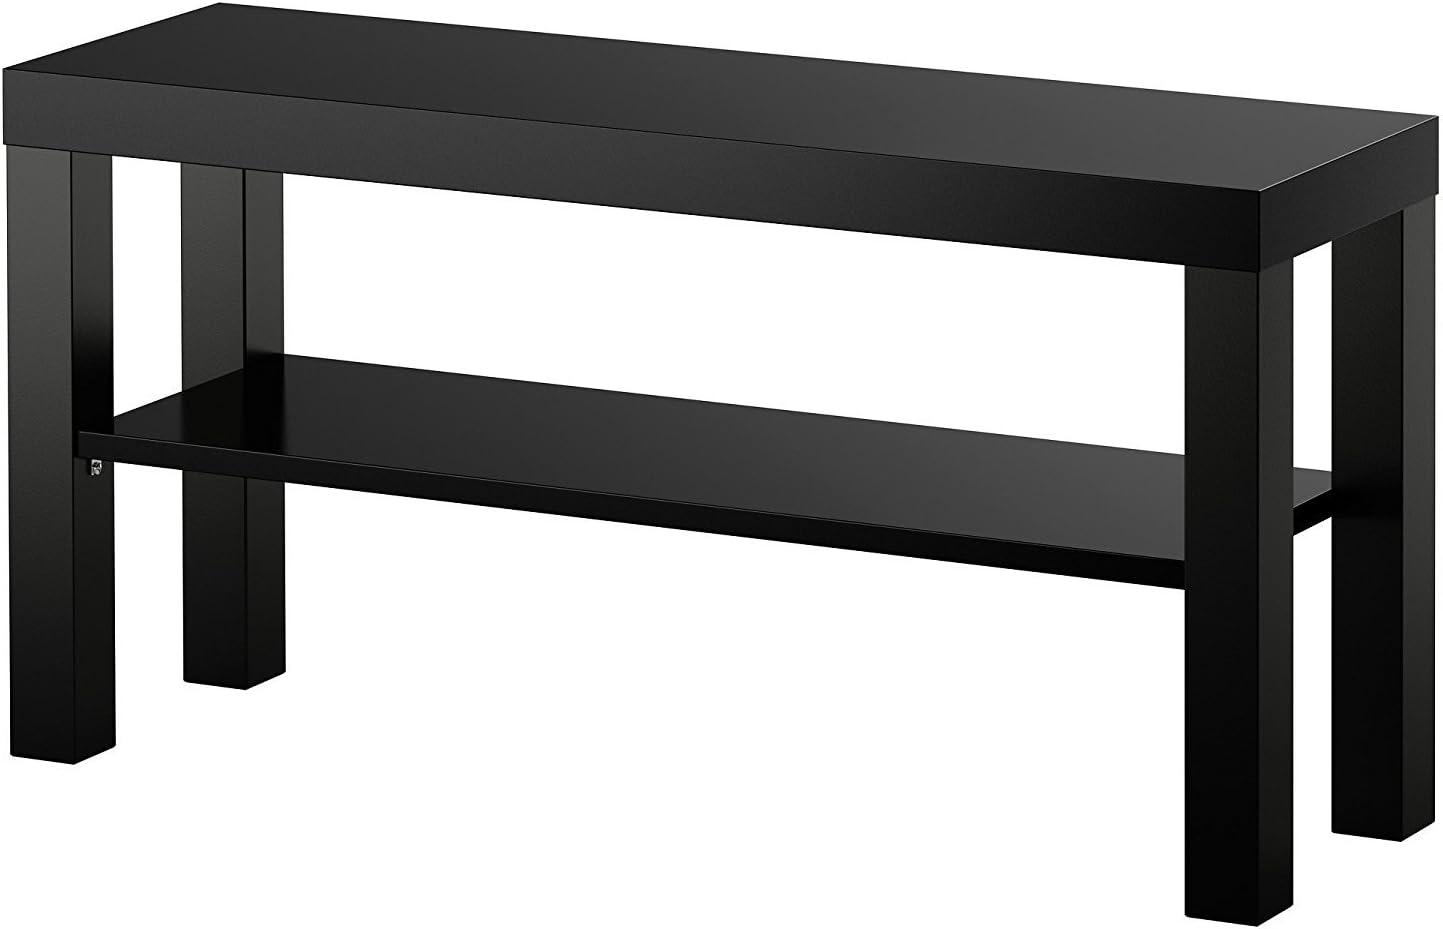 IKEA LACK Mesa auxiliar mueble TV negro: Amazon.es: Hogar